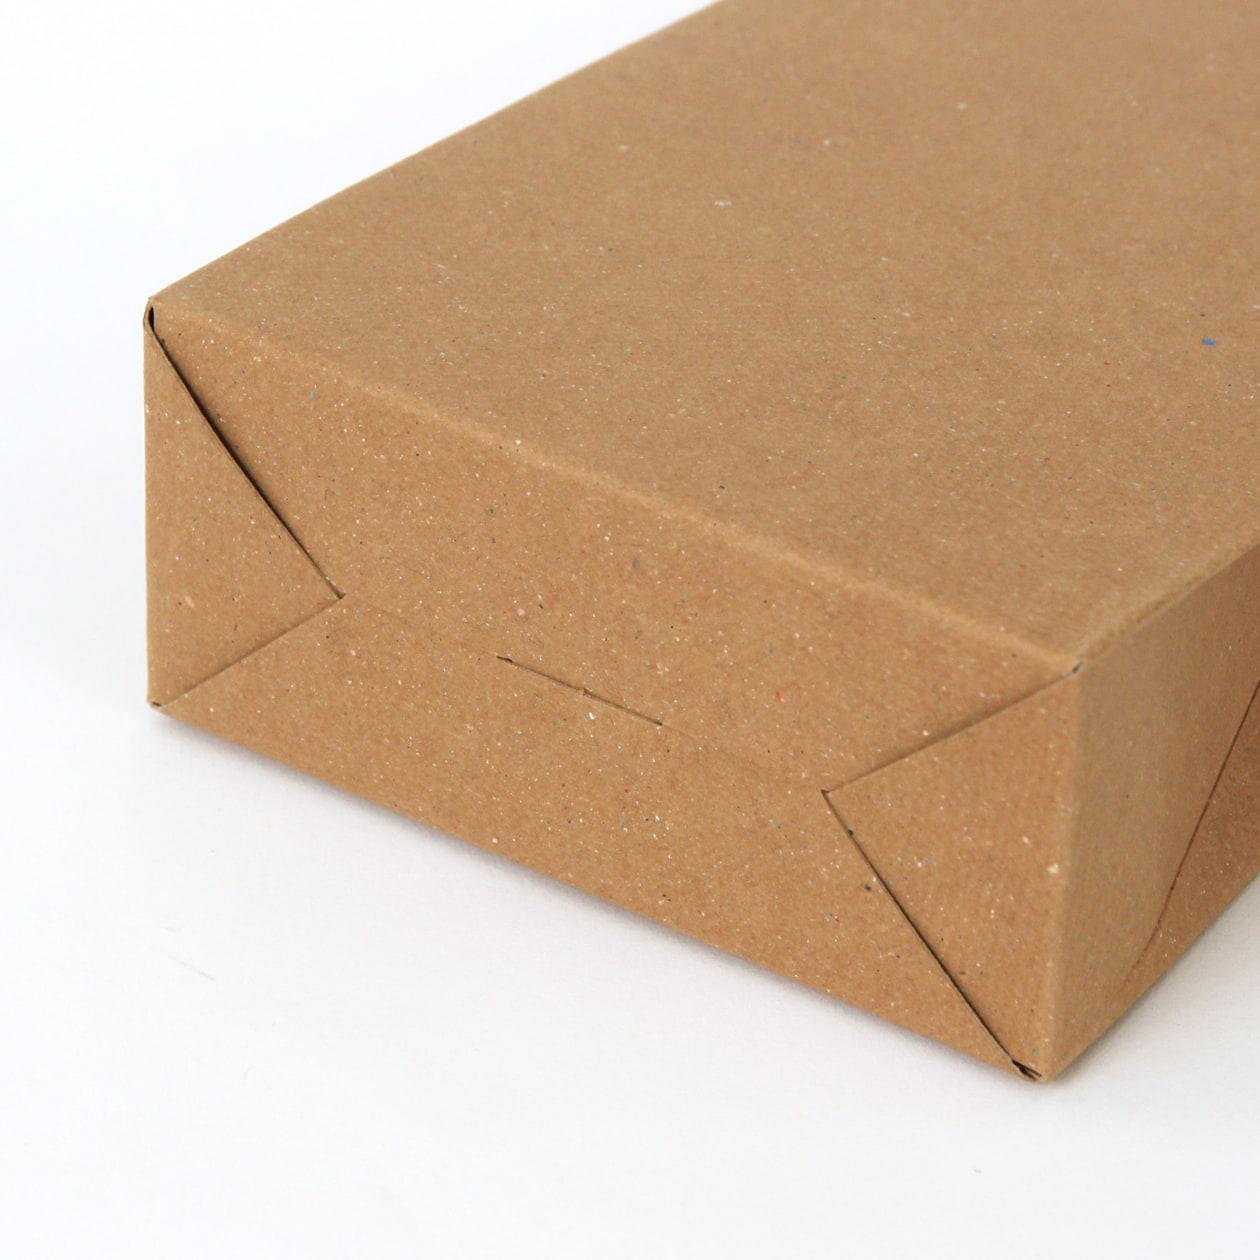 角底箱ロック式90×160×40 ボード紙 ブラウン 270g